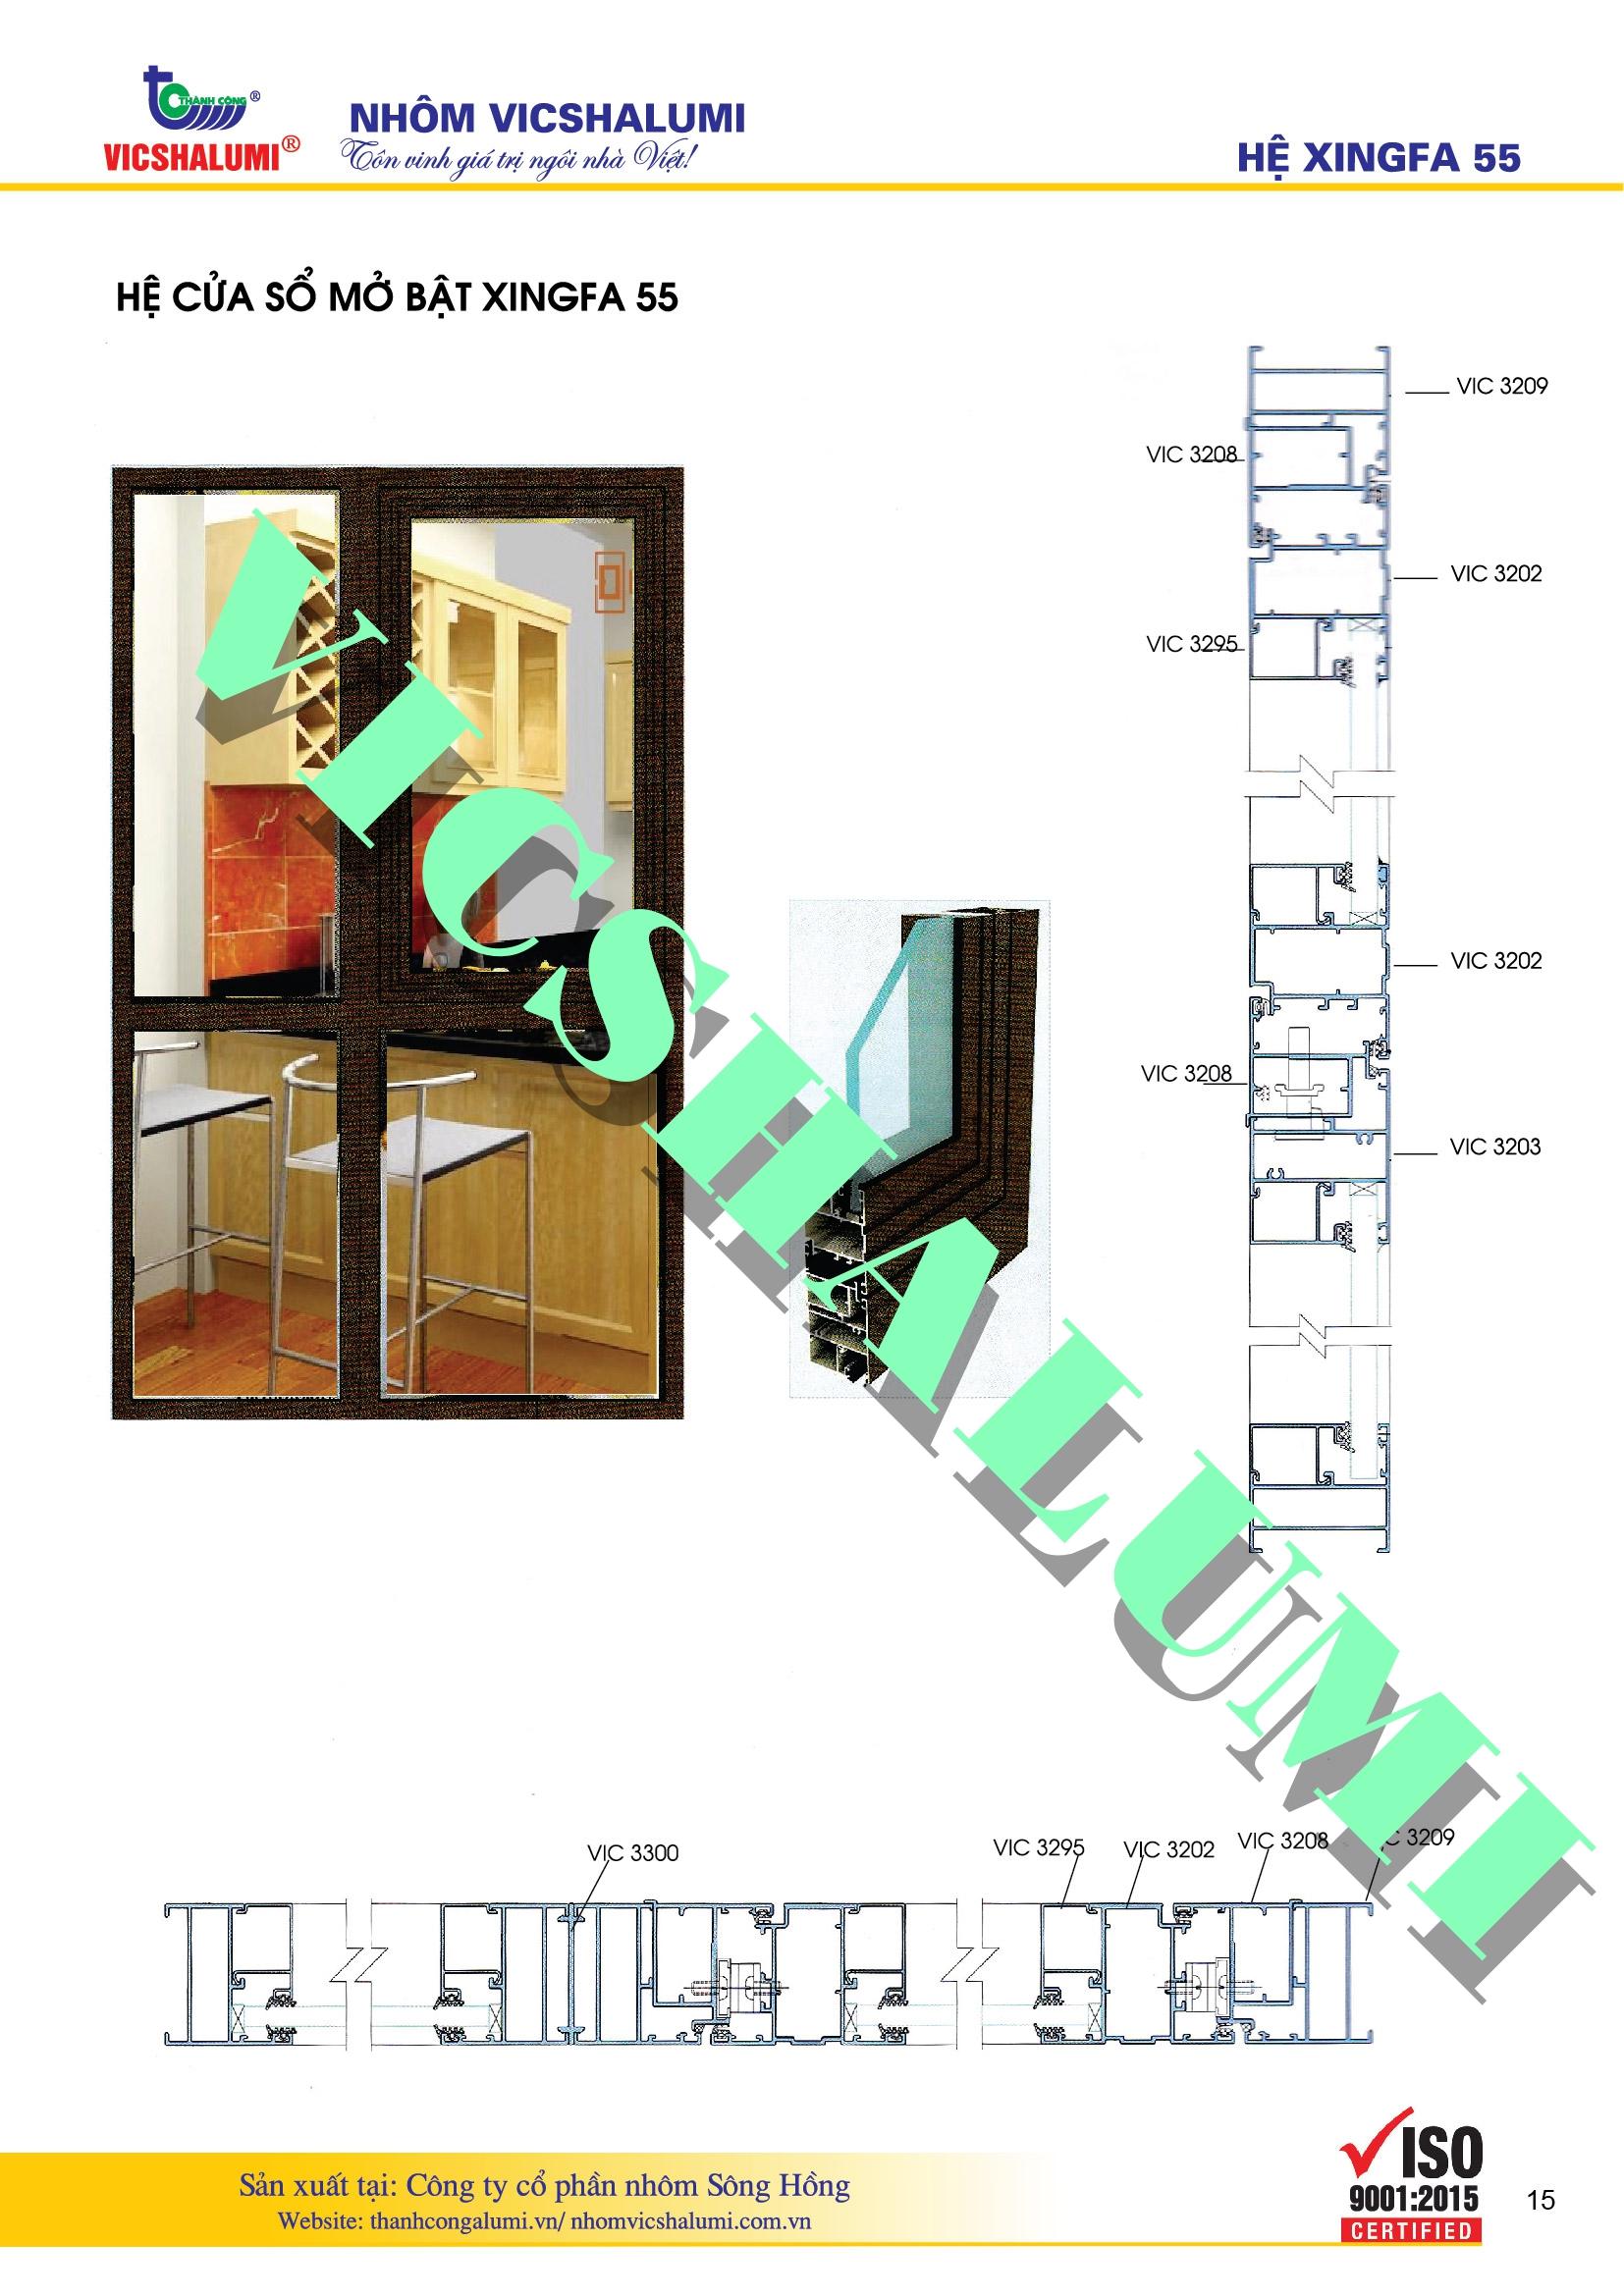 Hệ Cửa Sổ Mở Bật XINGFA 55